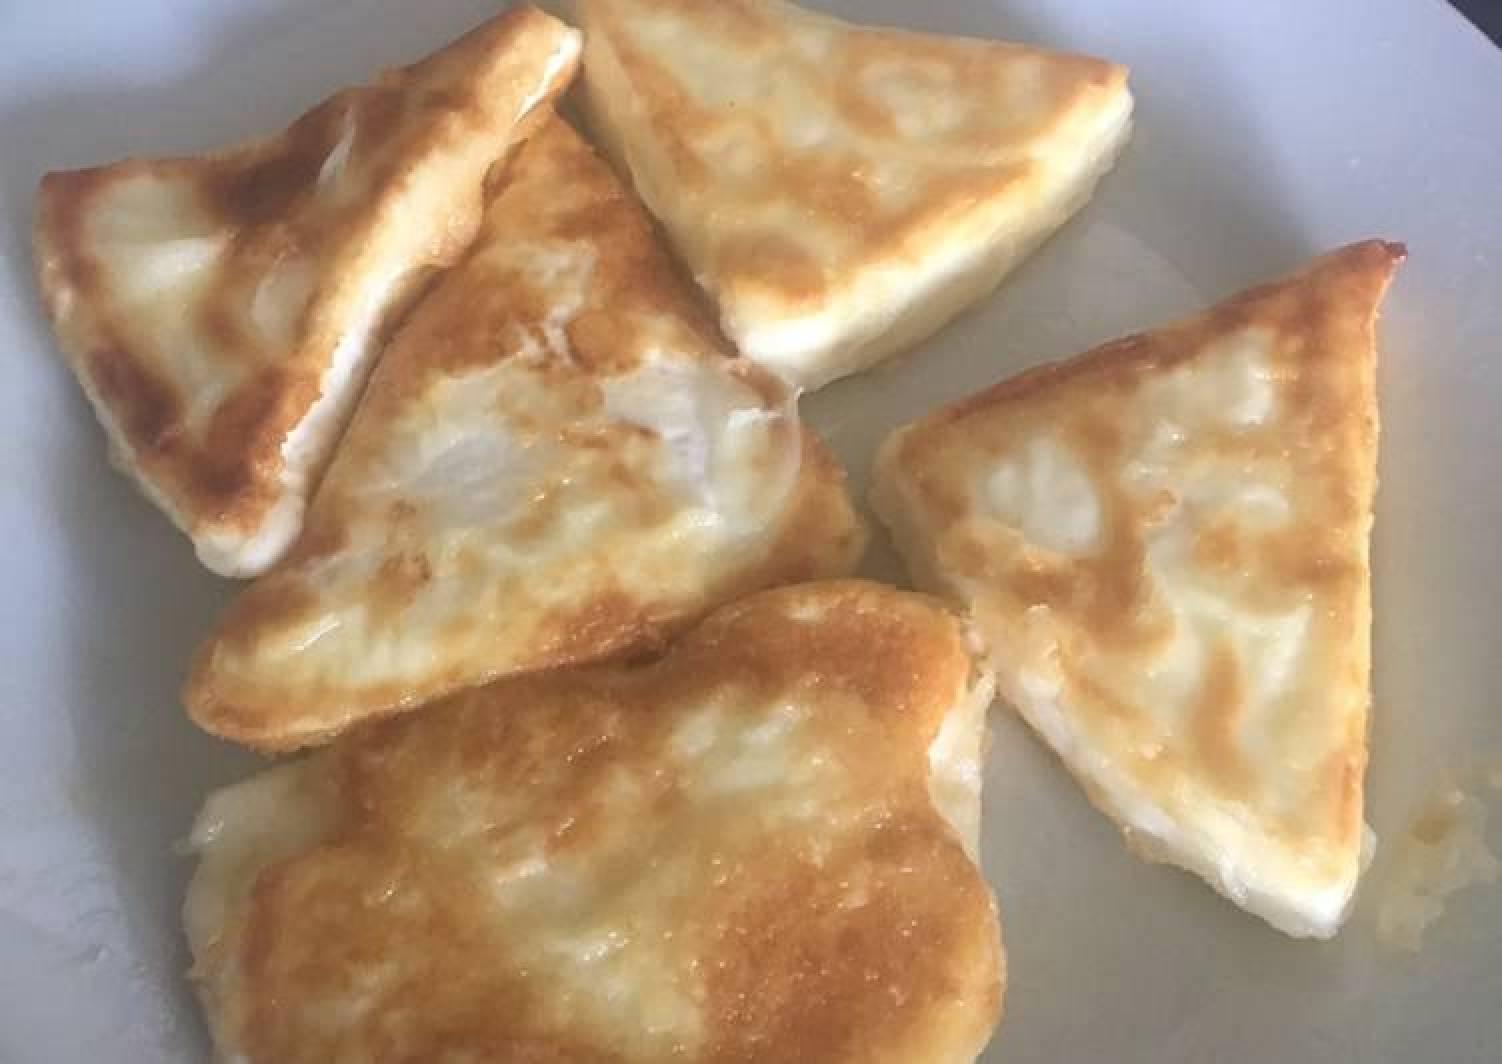 Fried feta cheese